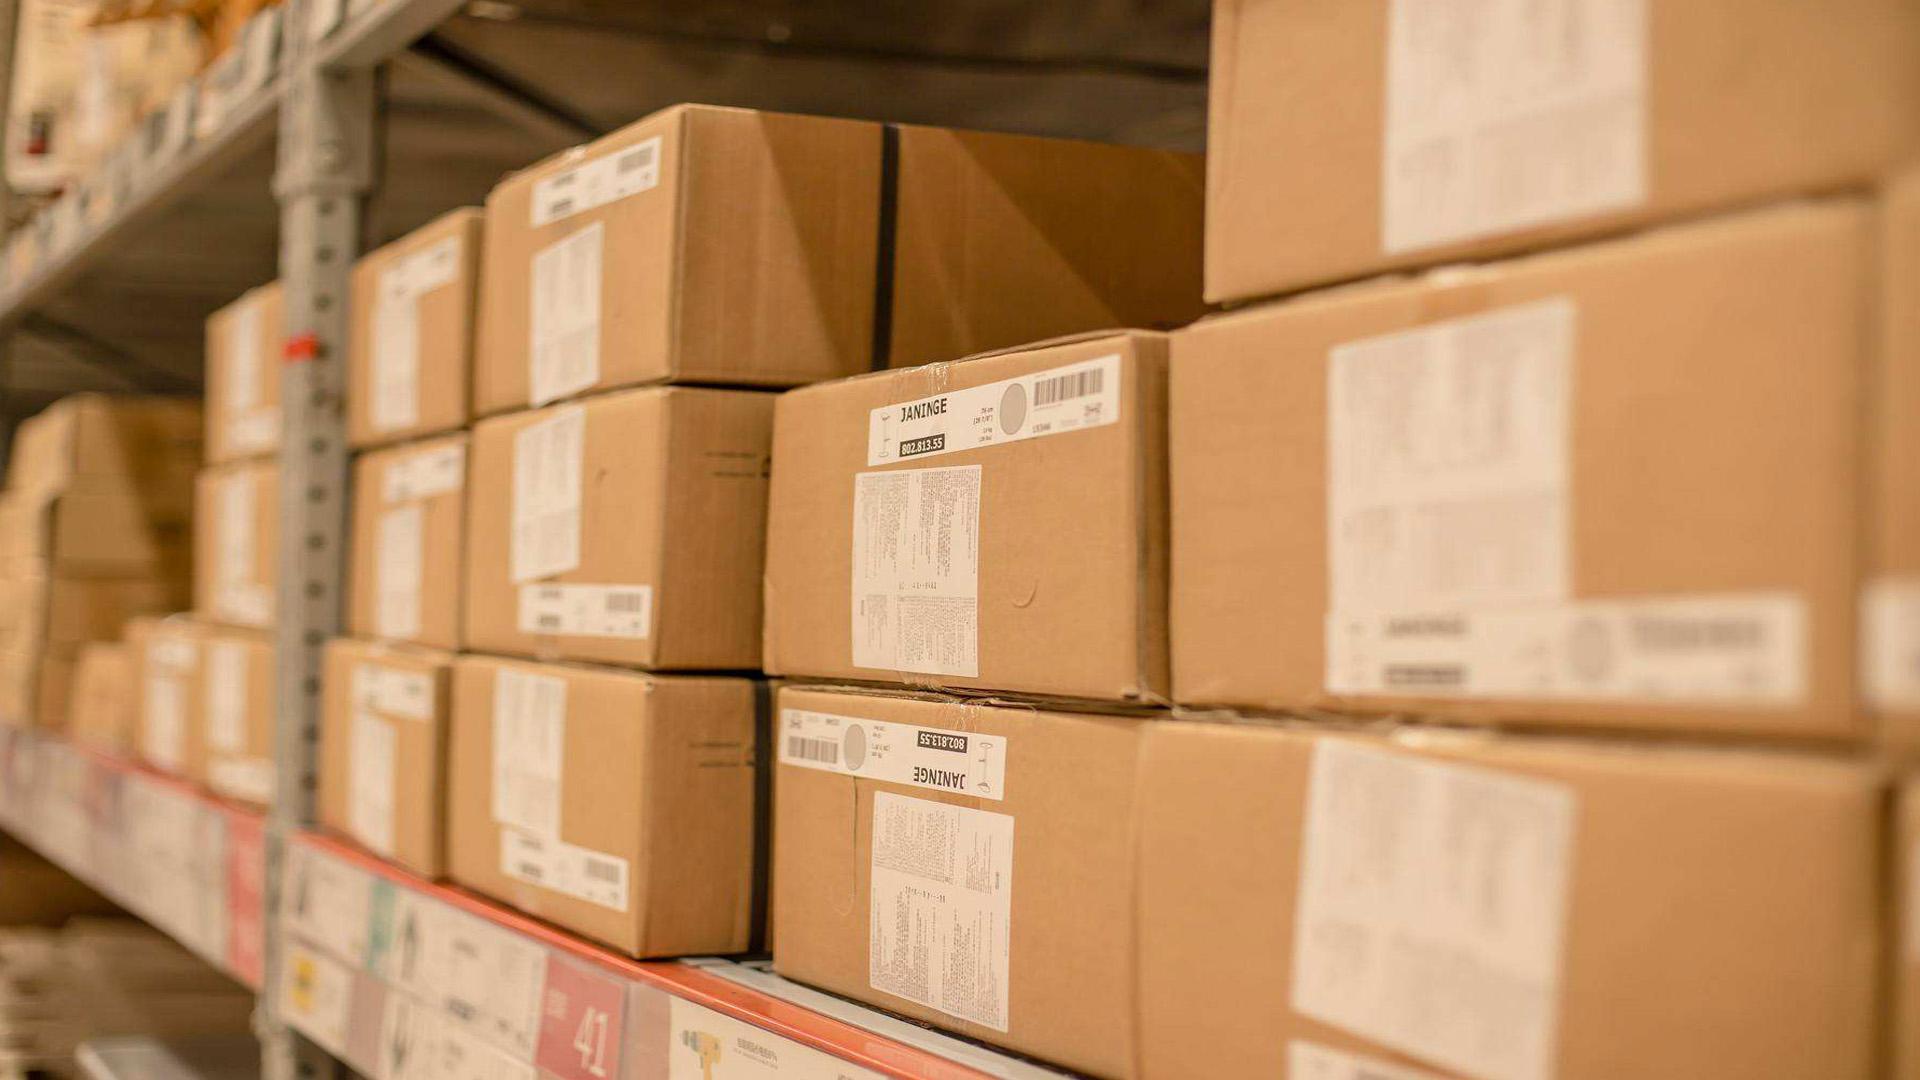 双十一销售创新高 快递盒的数量也创新高 环保负担亟待解决